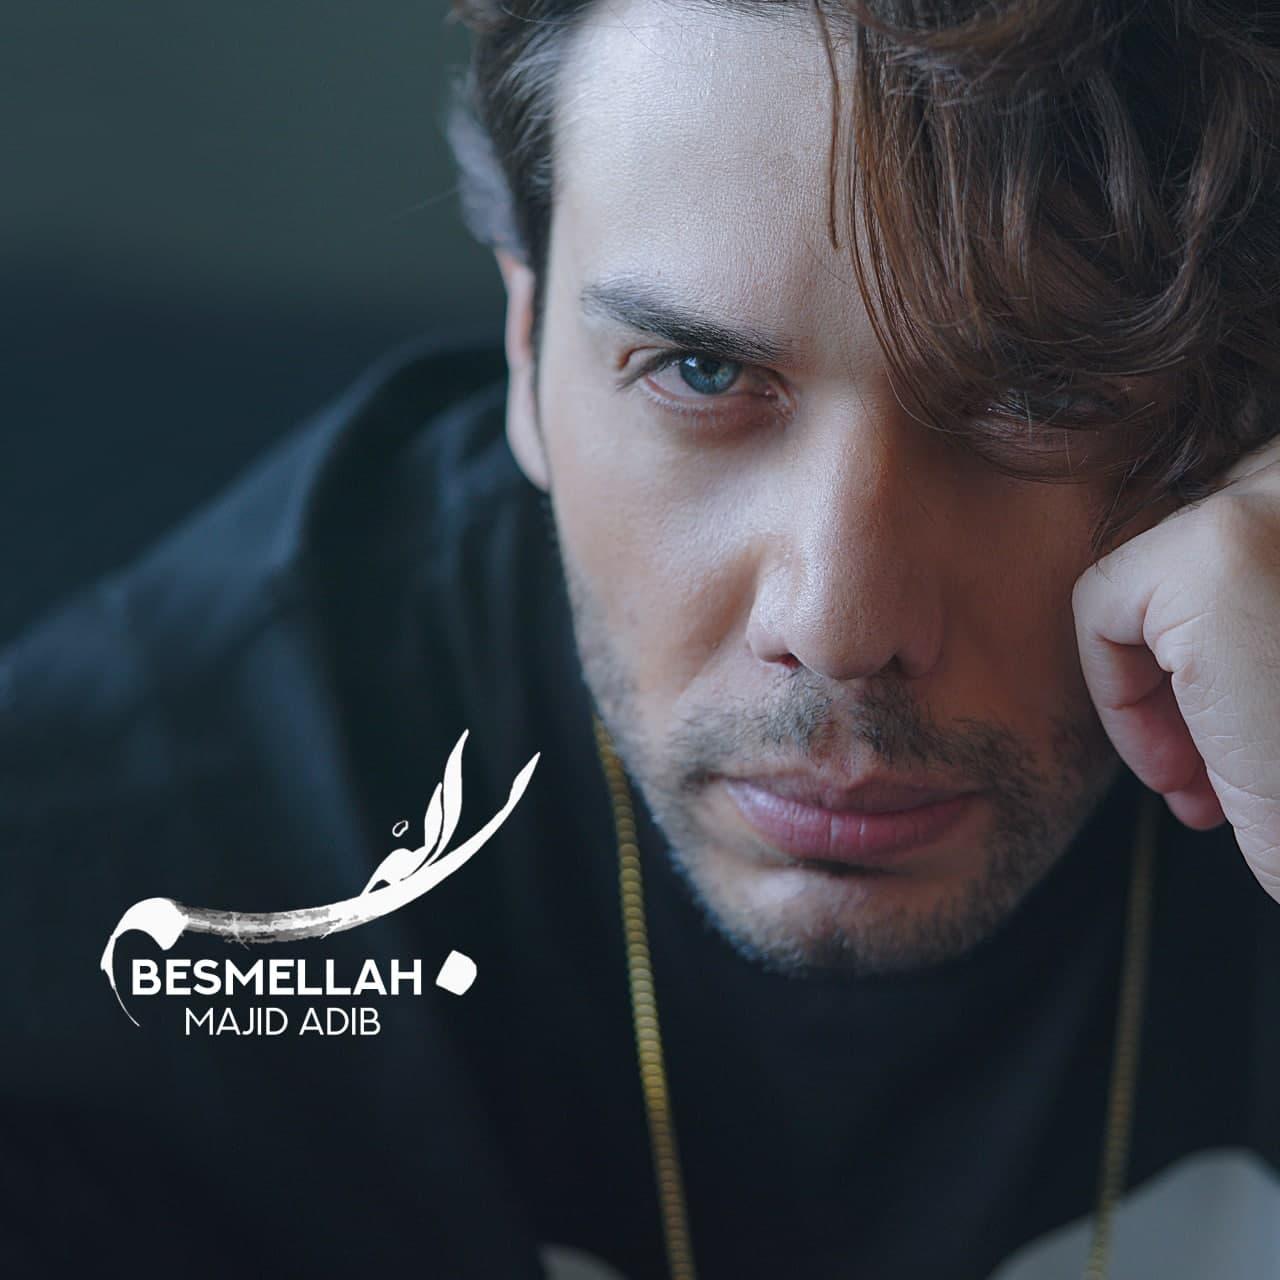 دانلود آهنگ جدید  به نام بسم الله